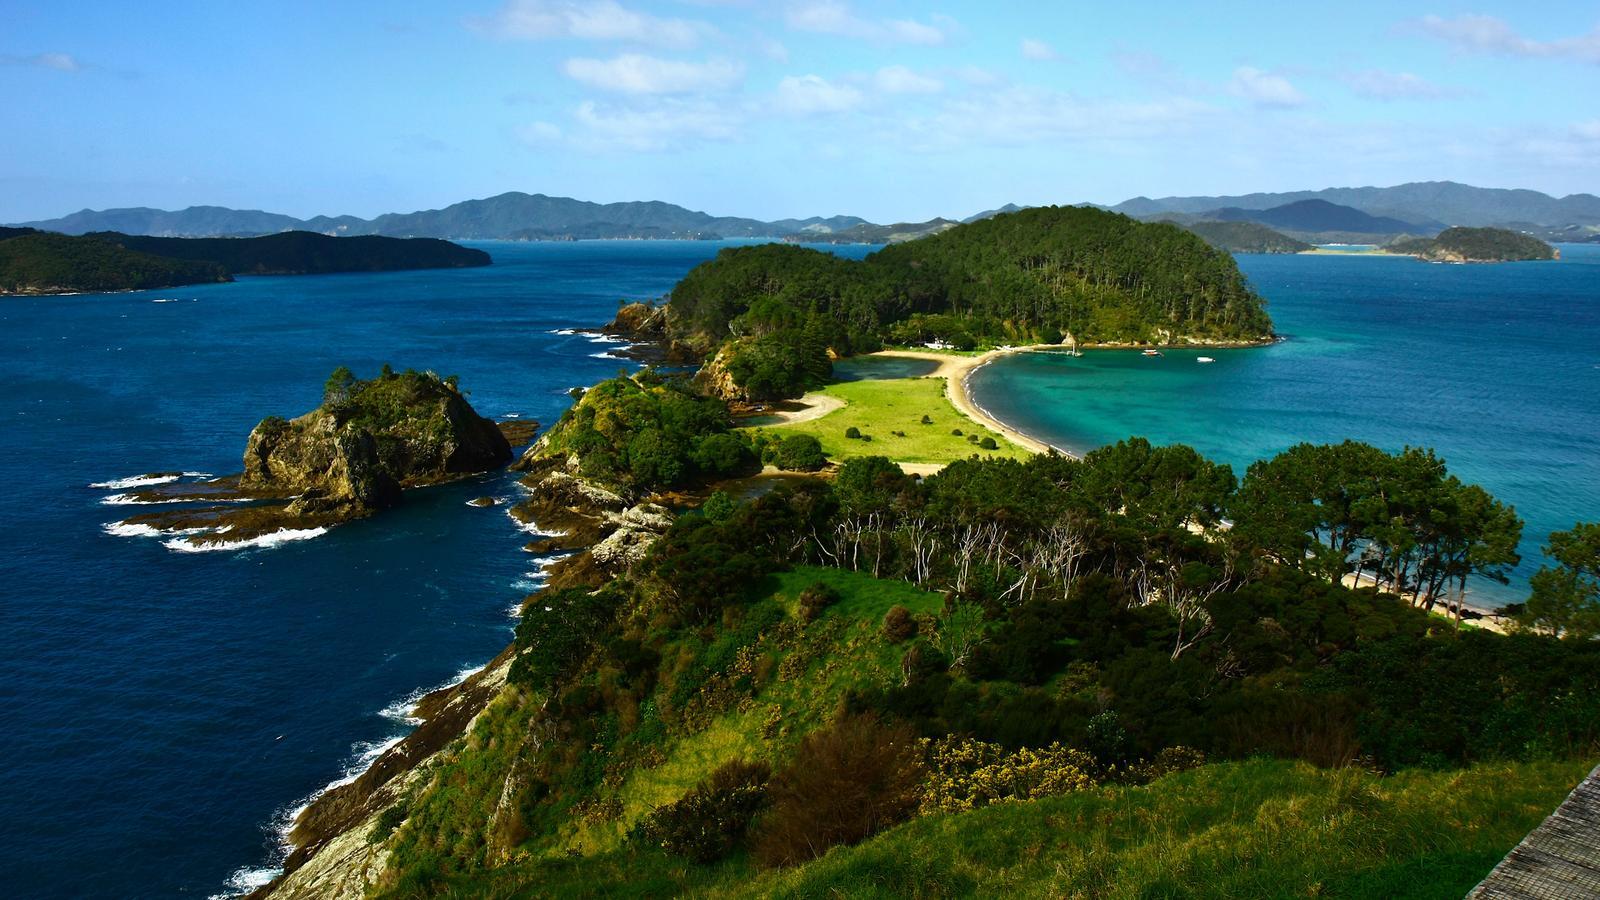 Bay of Islands auf der Nordinsel Neuseelands traveljunkies